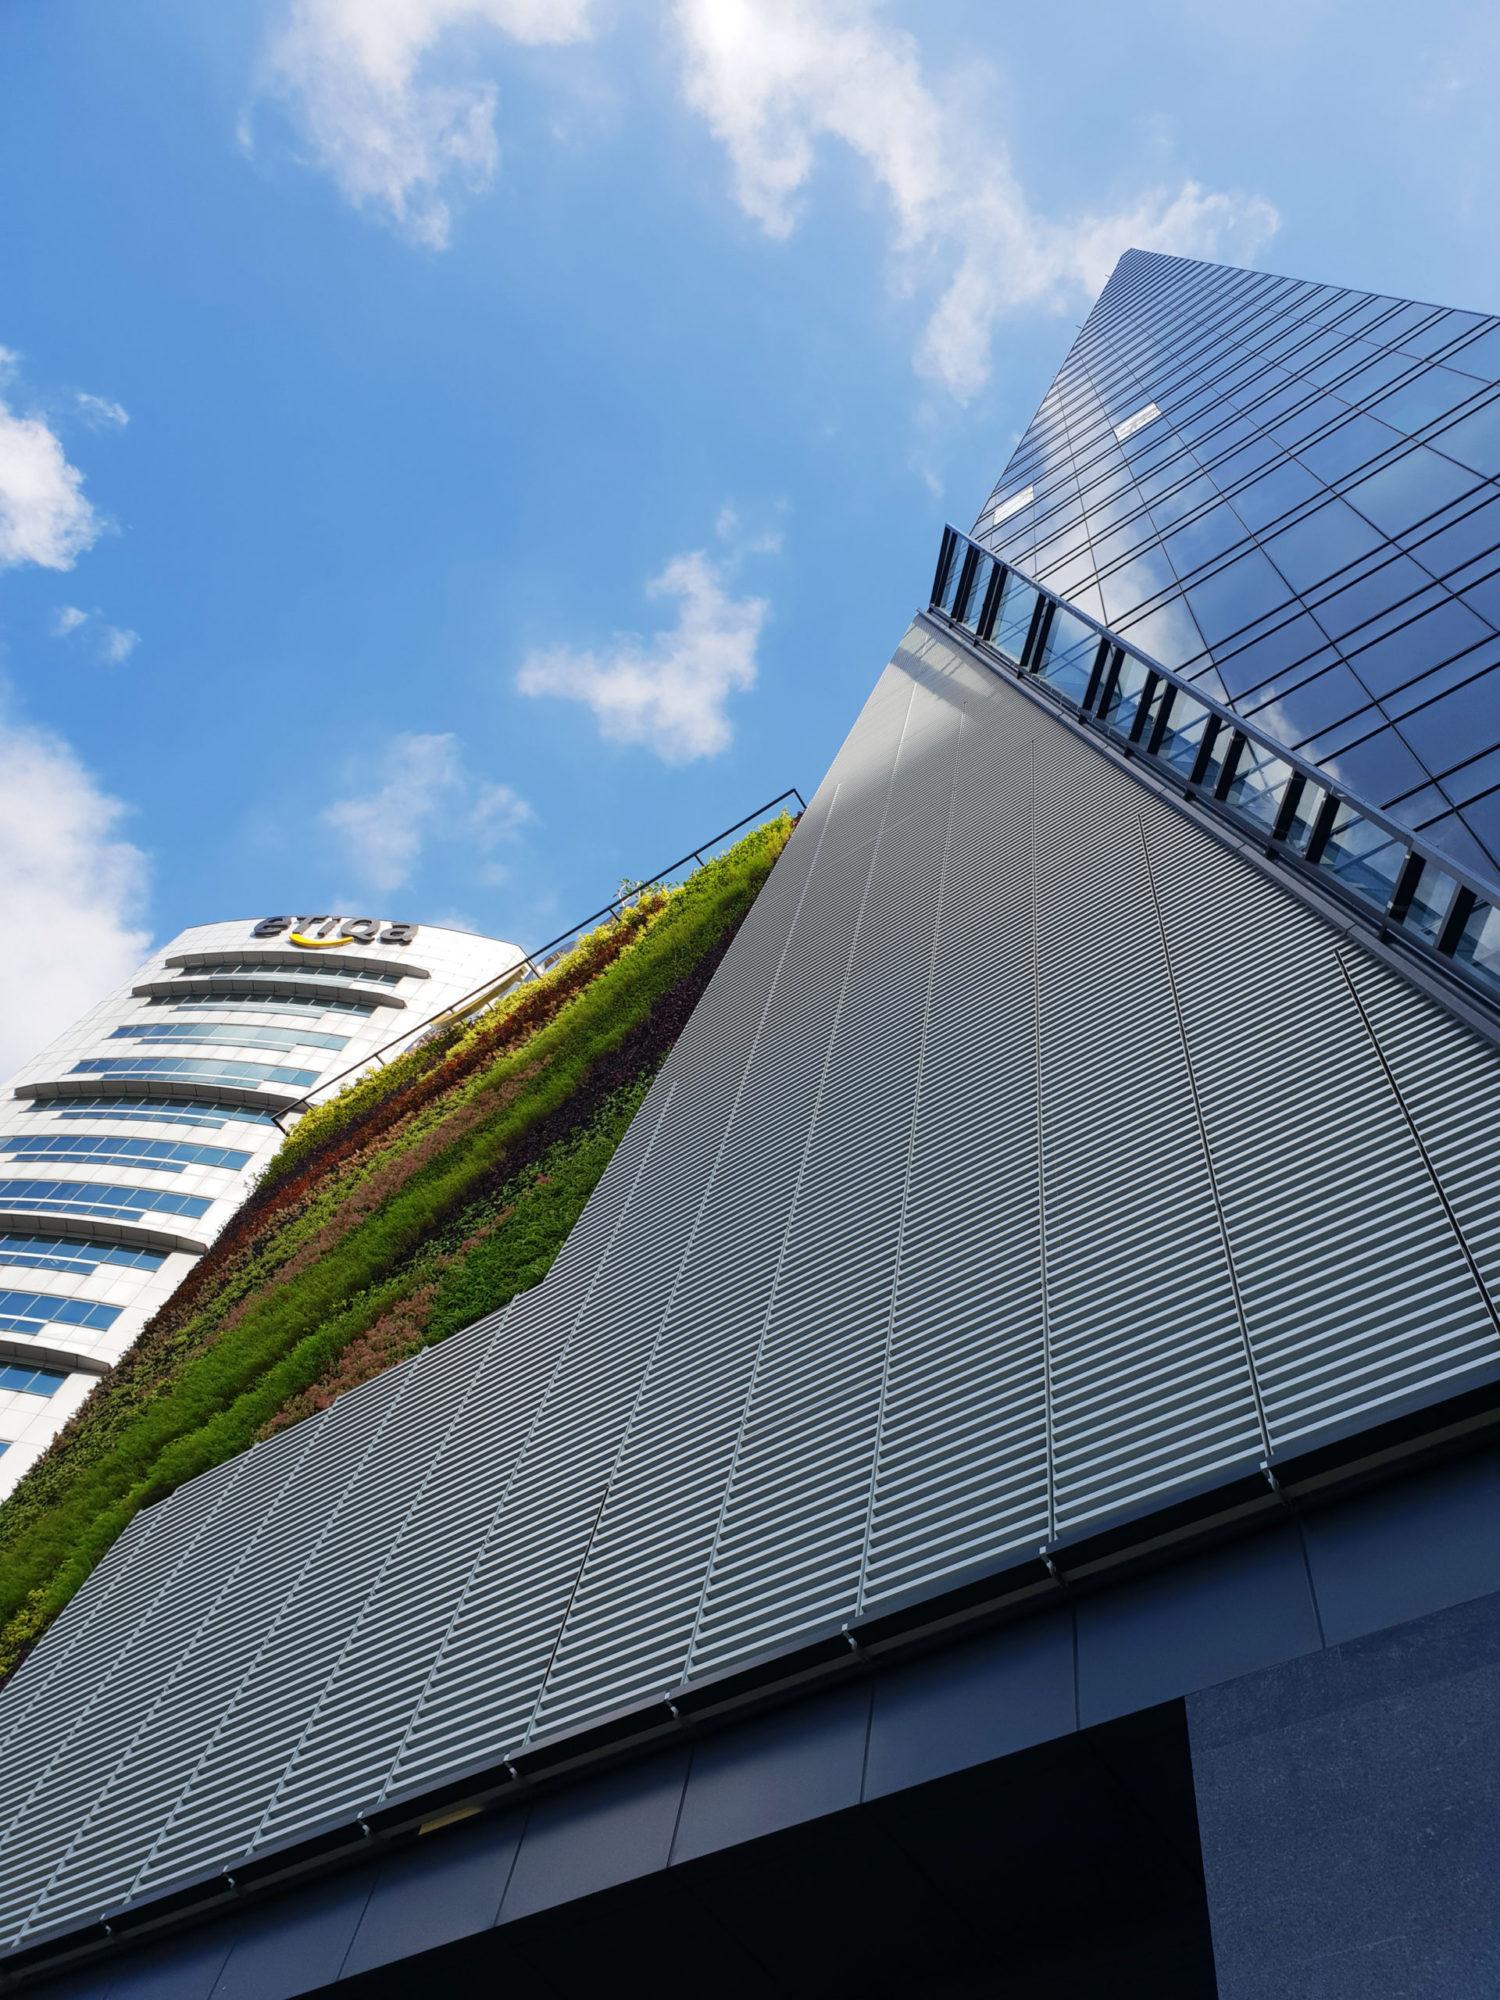 Menara Etiqa Living Wall